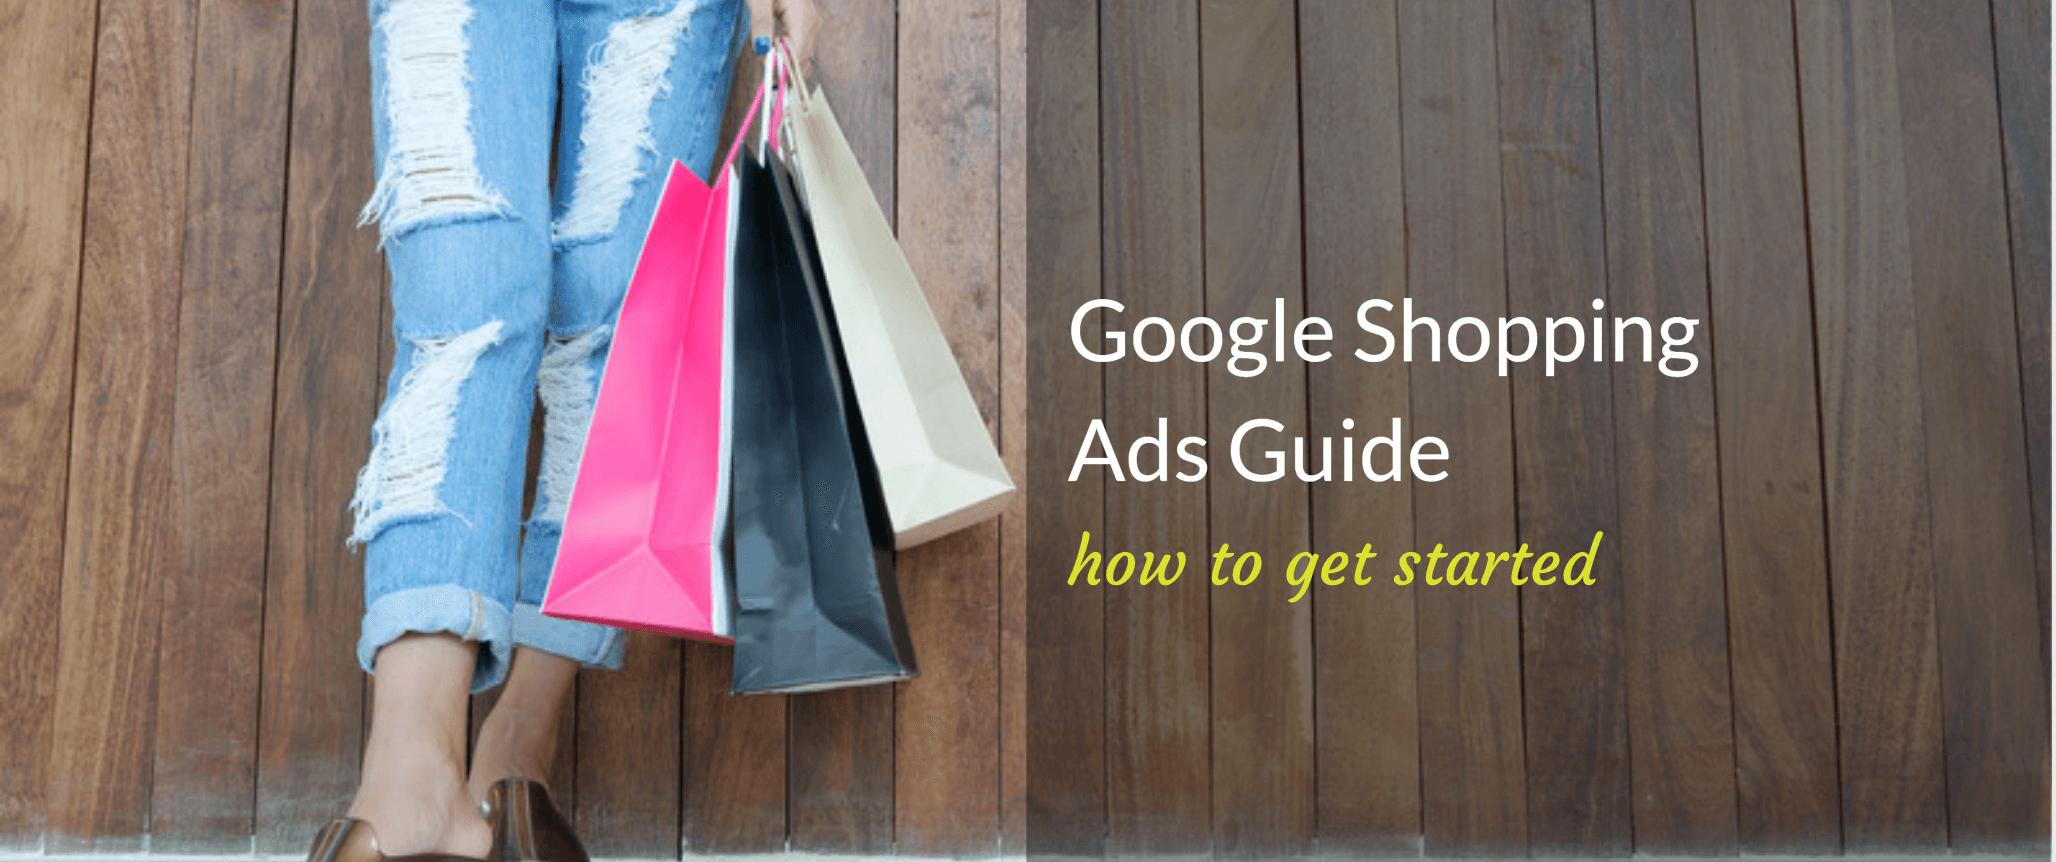 Header for Google Shopping Ads guide.